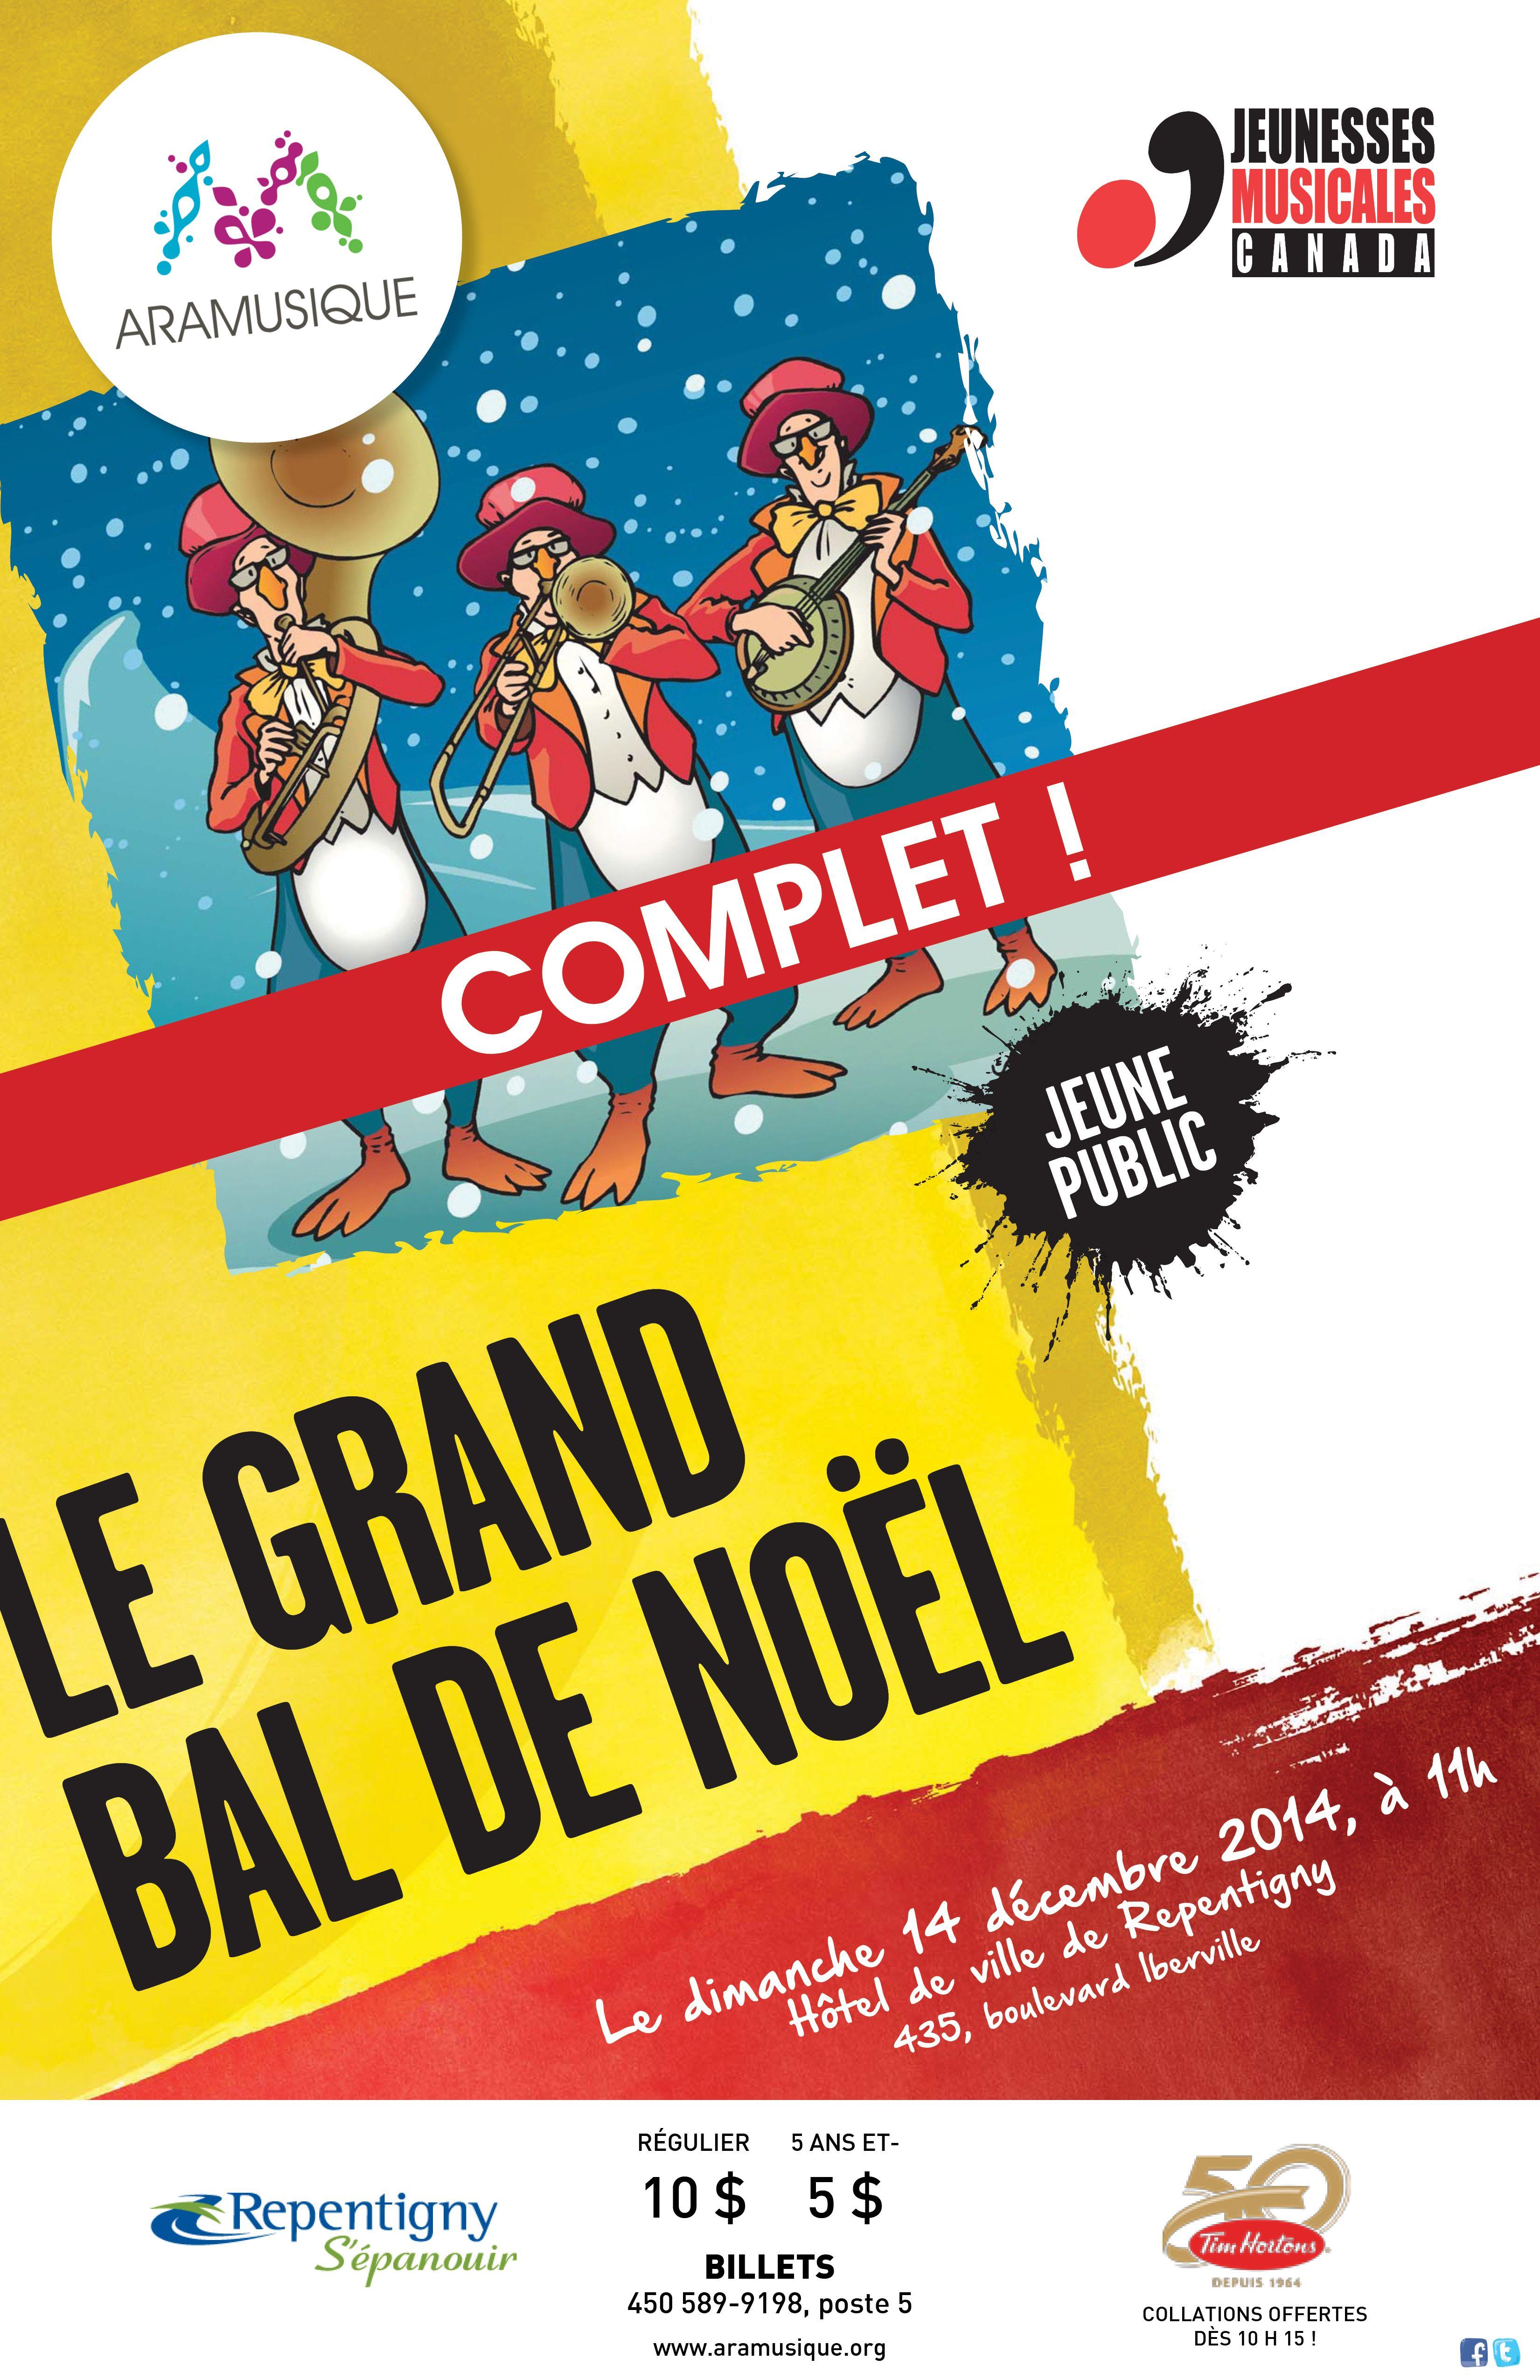 Le grand bal de Noël (COMPLET) | 14 décembre 2014